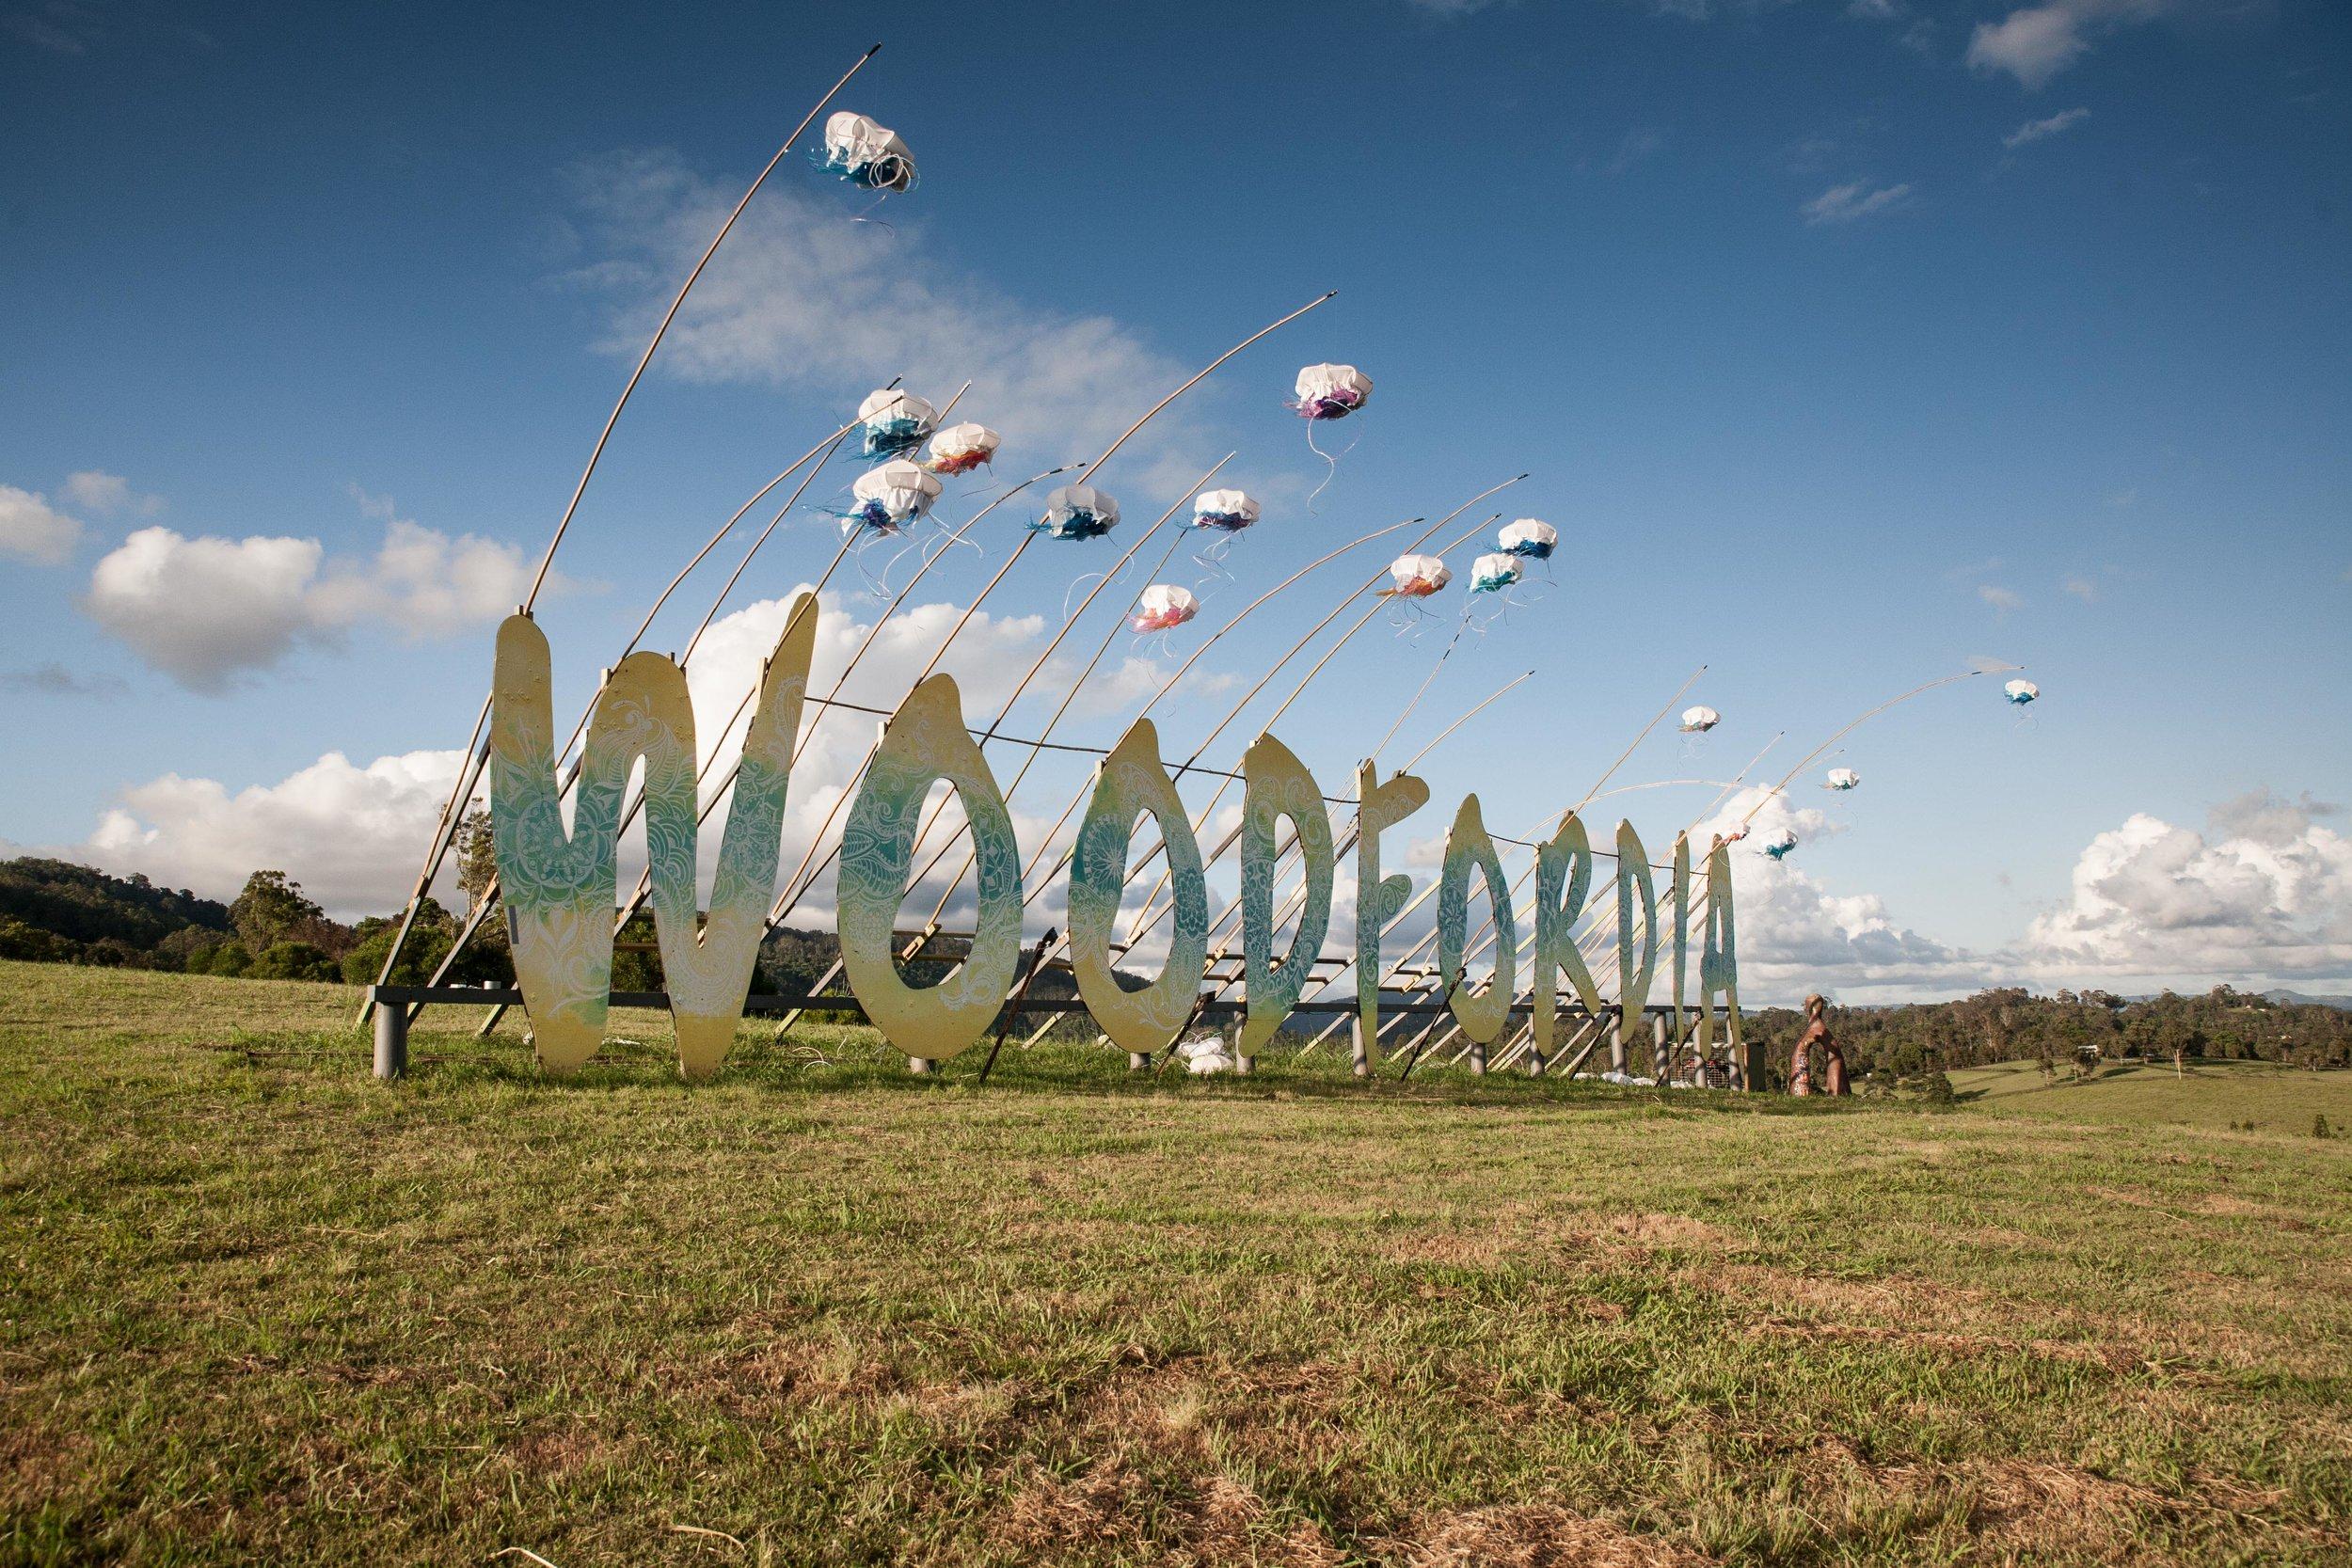 woodord-folk-festival-cynthia-lee-photographer.jpg